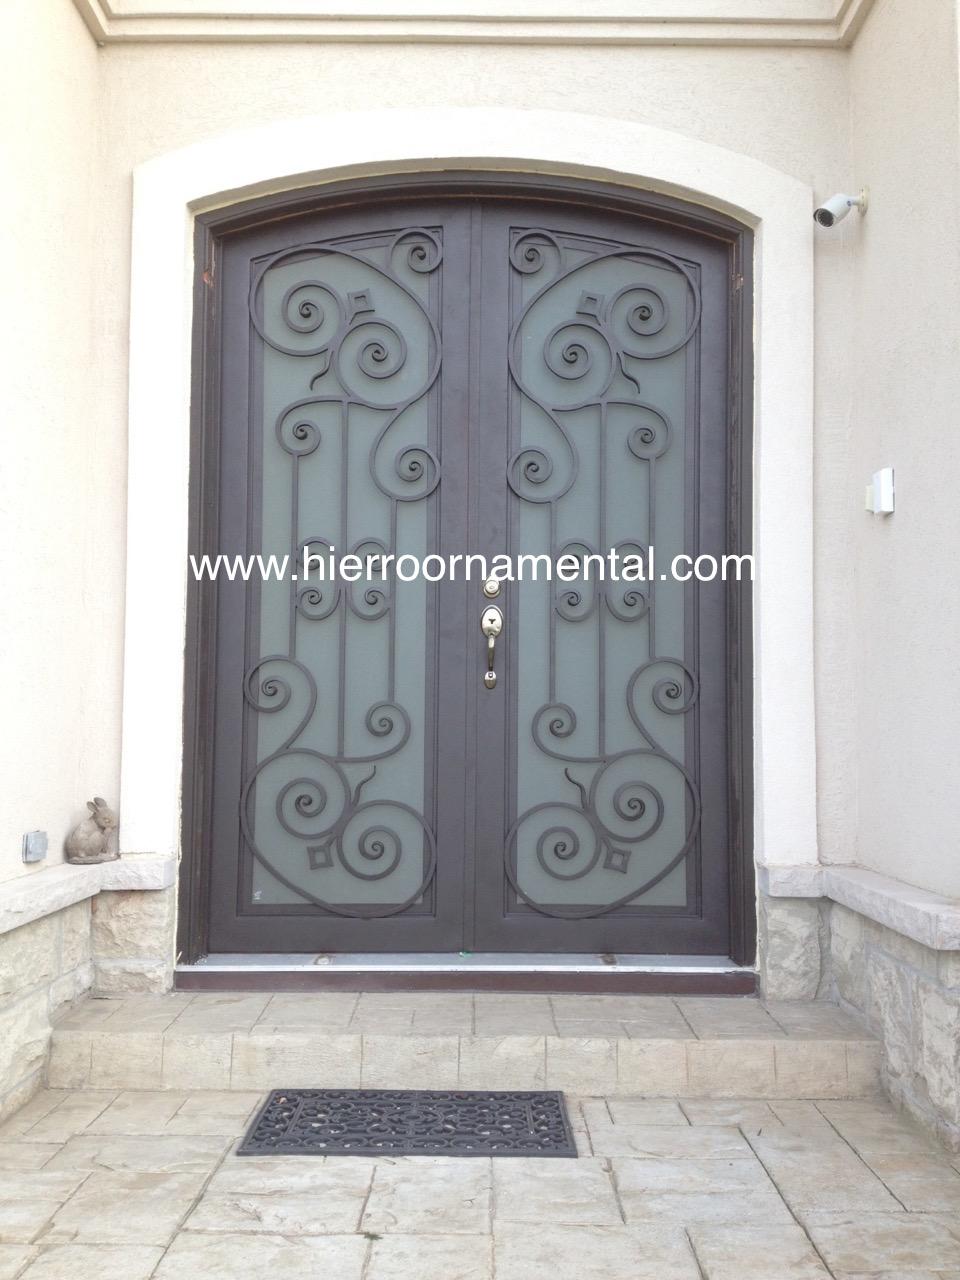 Puerta de hierro forjado 2 detalle producto for Puertas de metal con diseno